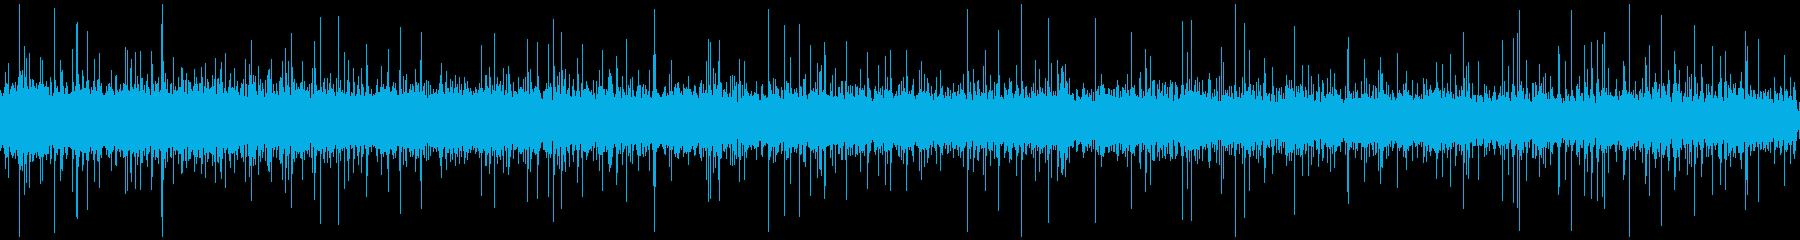 軒下の雨の音の再生済みの波形